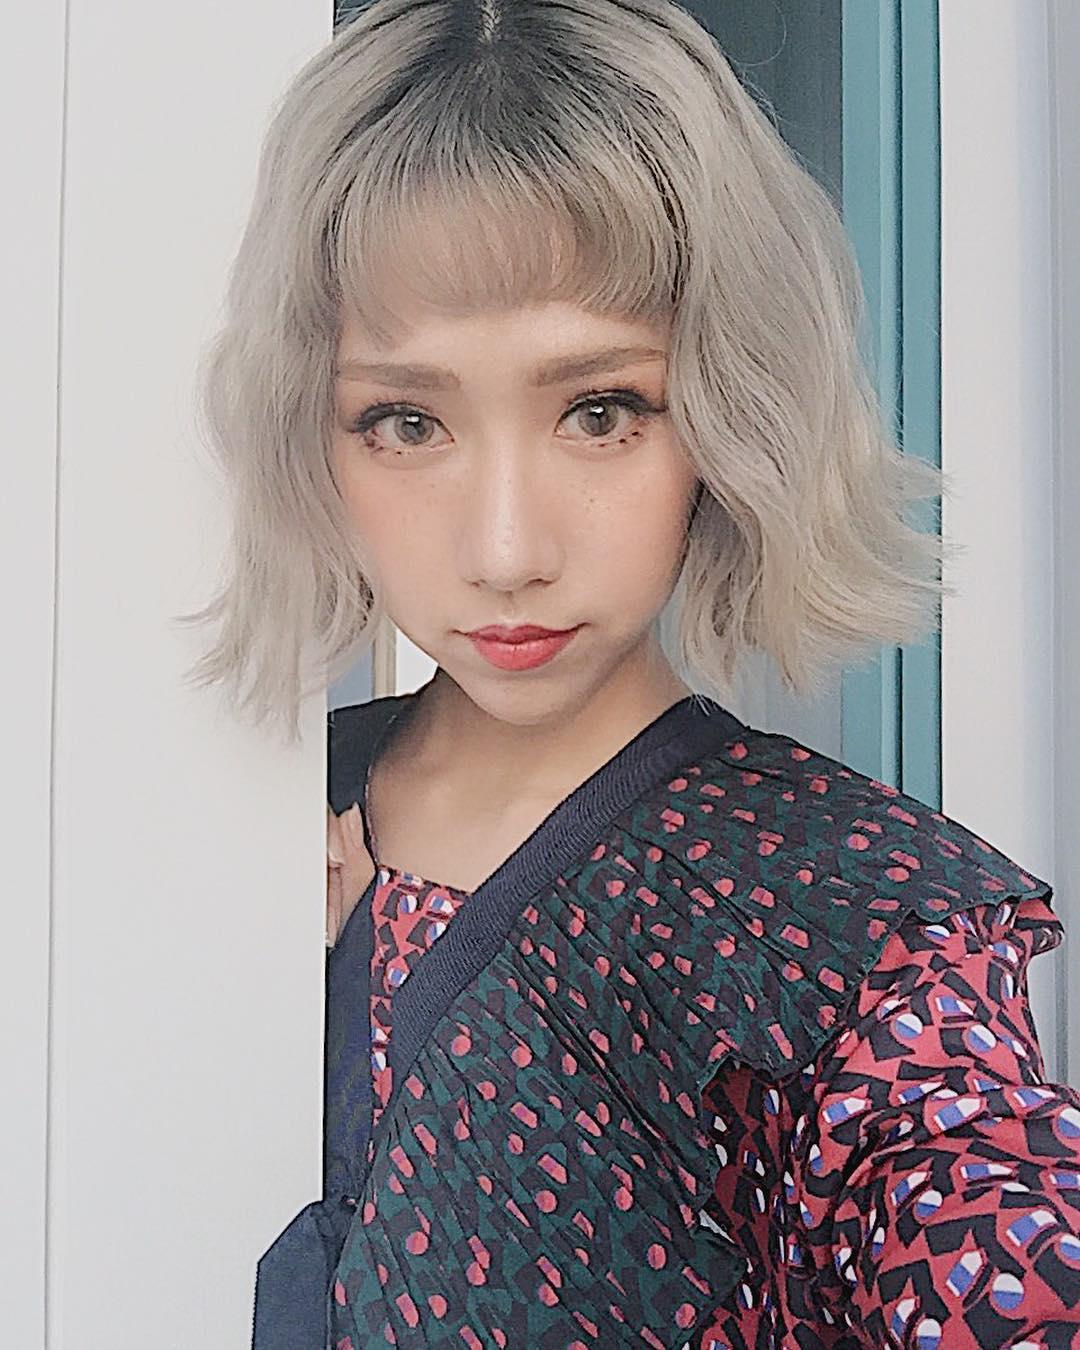 Tưởng đã hạ nhiệt, mốt tóc mái Maruko ngắn cũn lại đang thu phục hàng loạt sao và hot girl Việt - Ảnh 3.